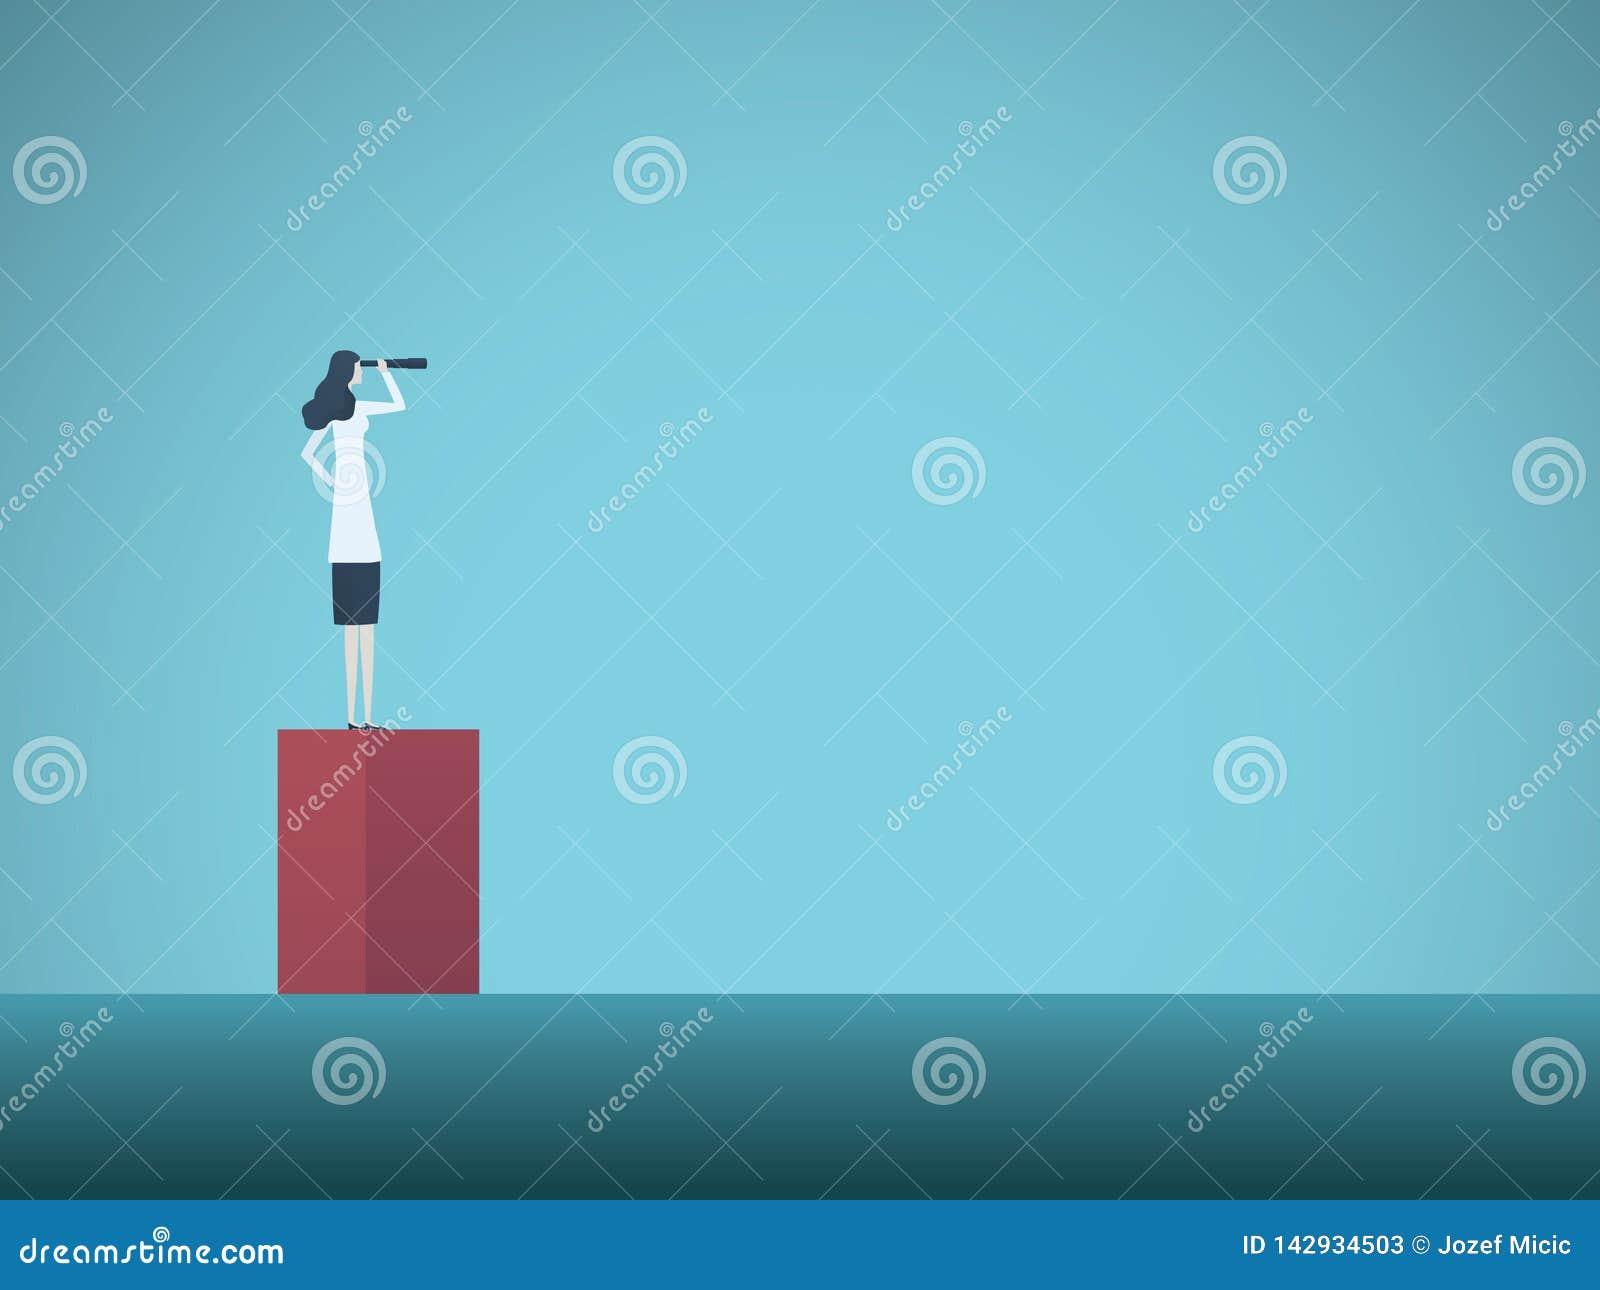 Naukowiec kobieta patrzeje poza horyzontu wektoru pojęcie Symbol osiągnięcie, motywacja, ambicja, dążenia i